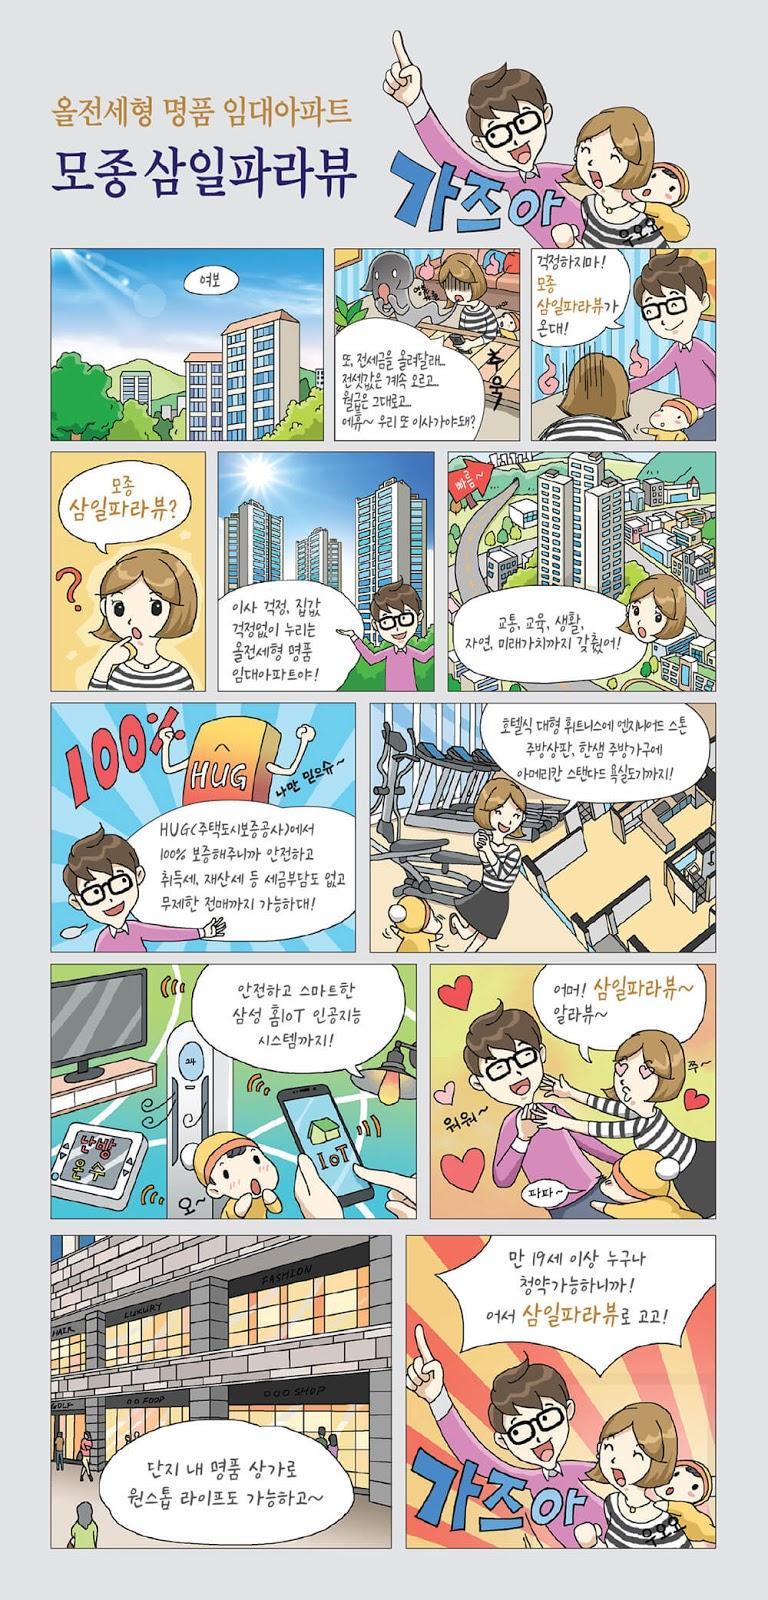 아산 모종 삼일 파라뷰 더 스위트 모델하우스 특장점